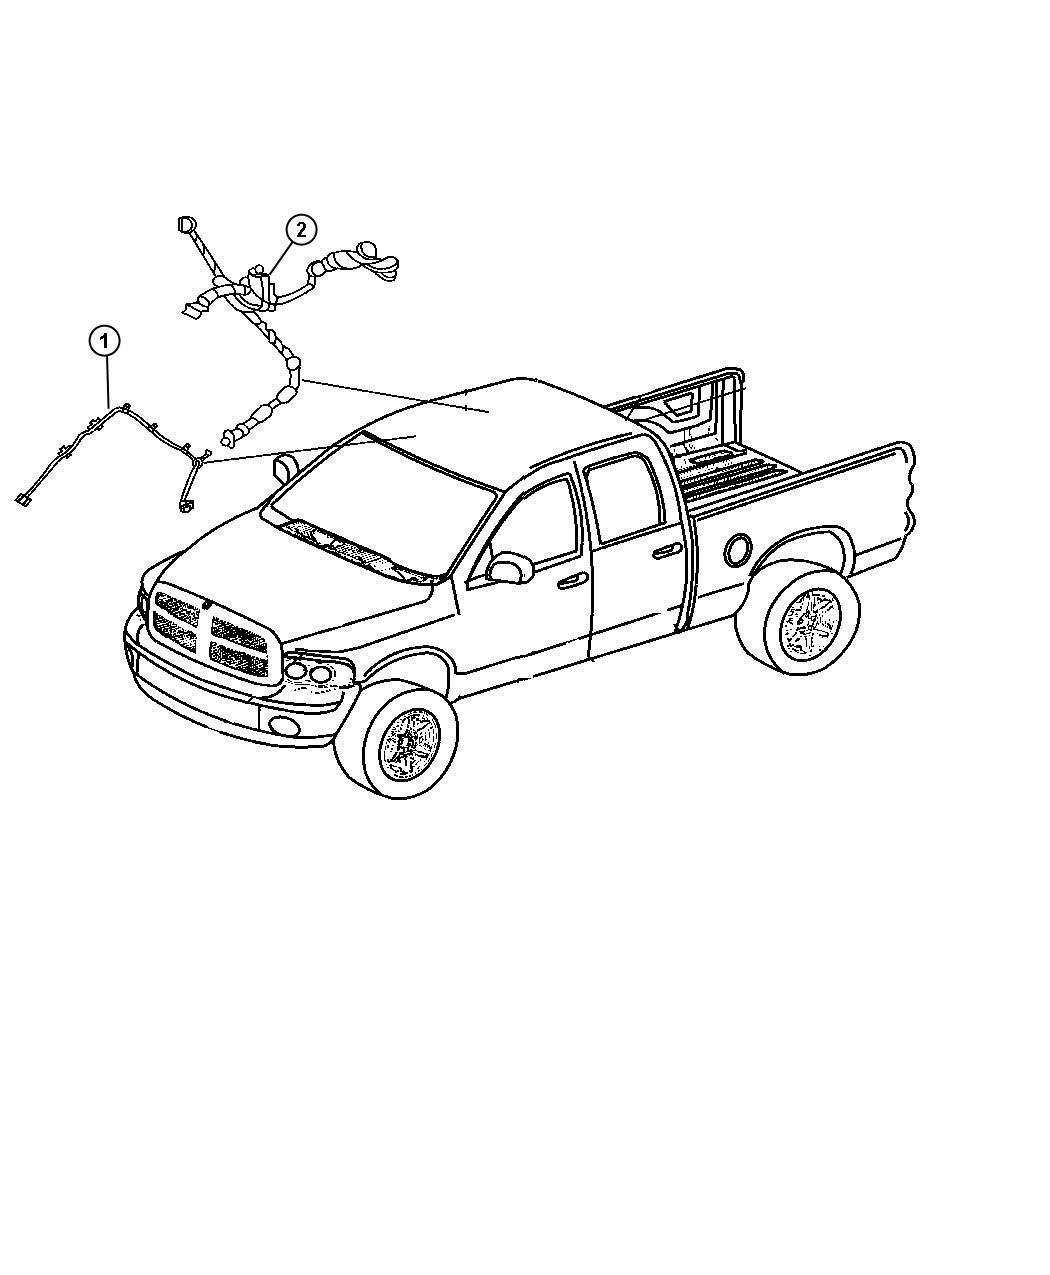 Dodge Ram Wiring Header Rear View Auto Dim